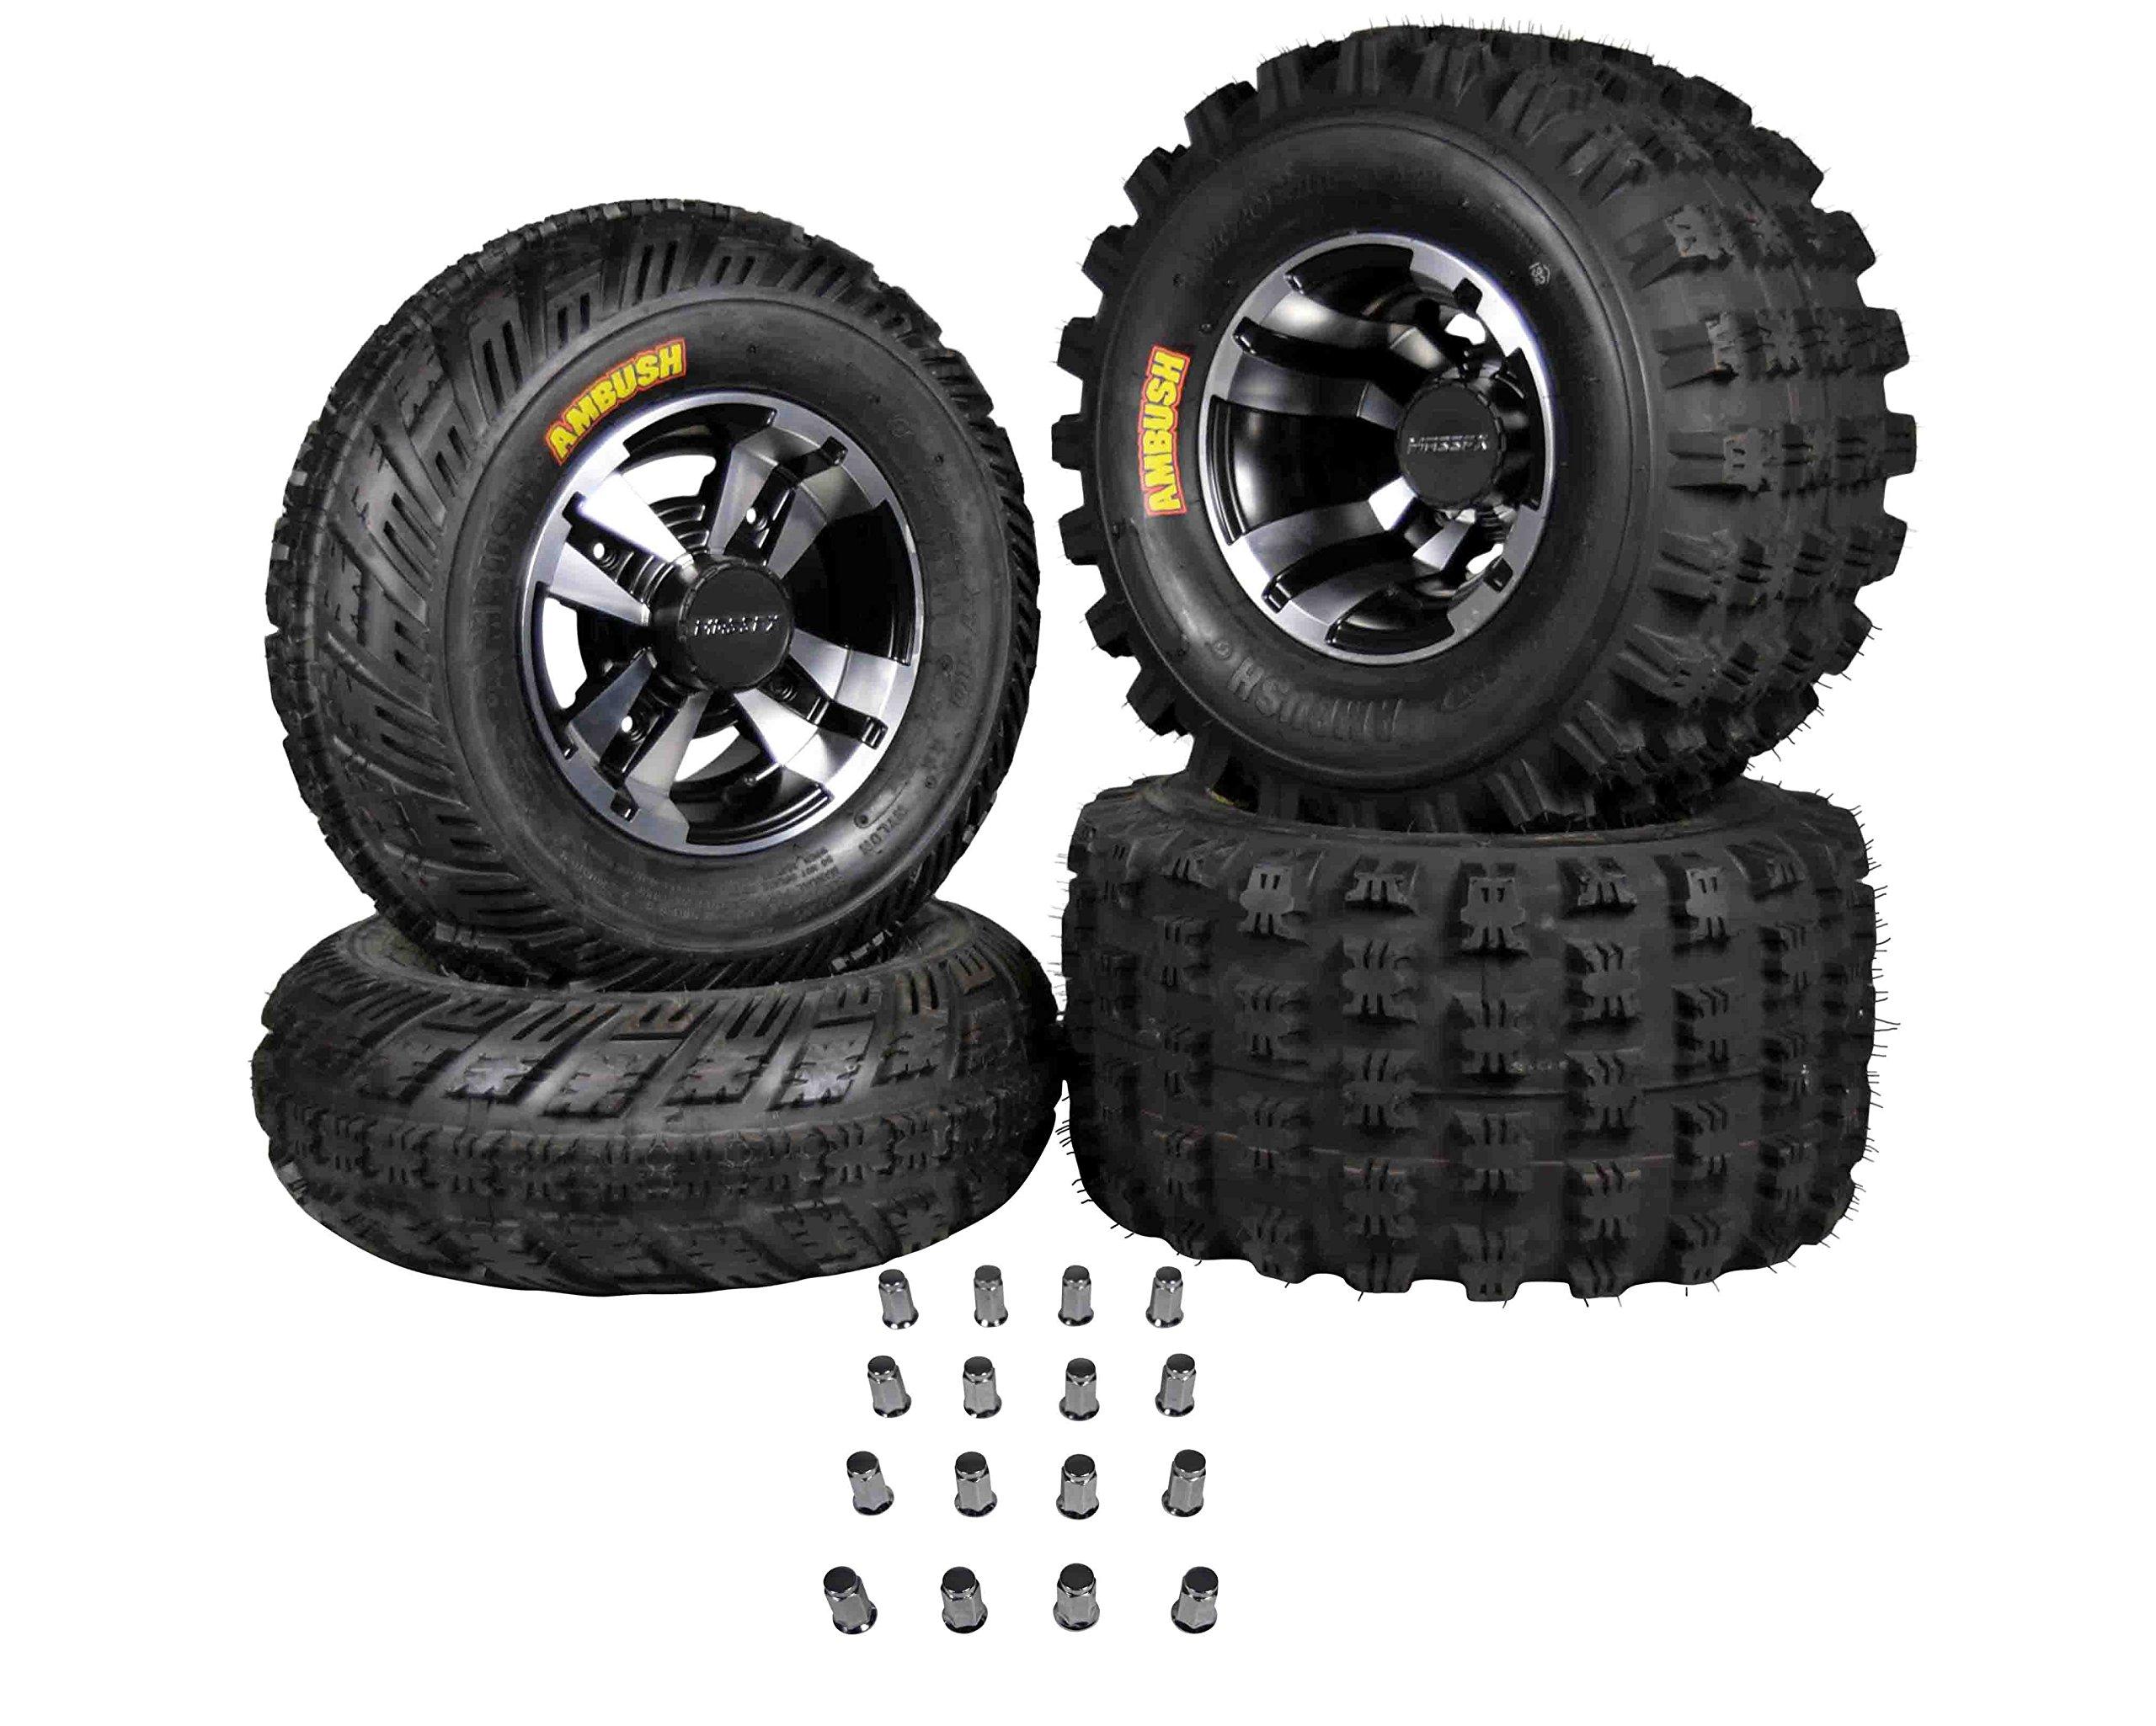 Ambush 21x7-10 20x11-9 Tires w MASSFX Machined Rims 10x5 4/156 9x8 4/115 Wheels